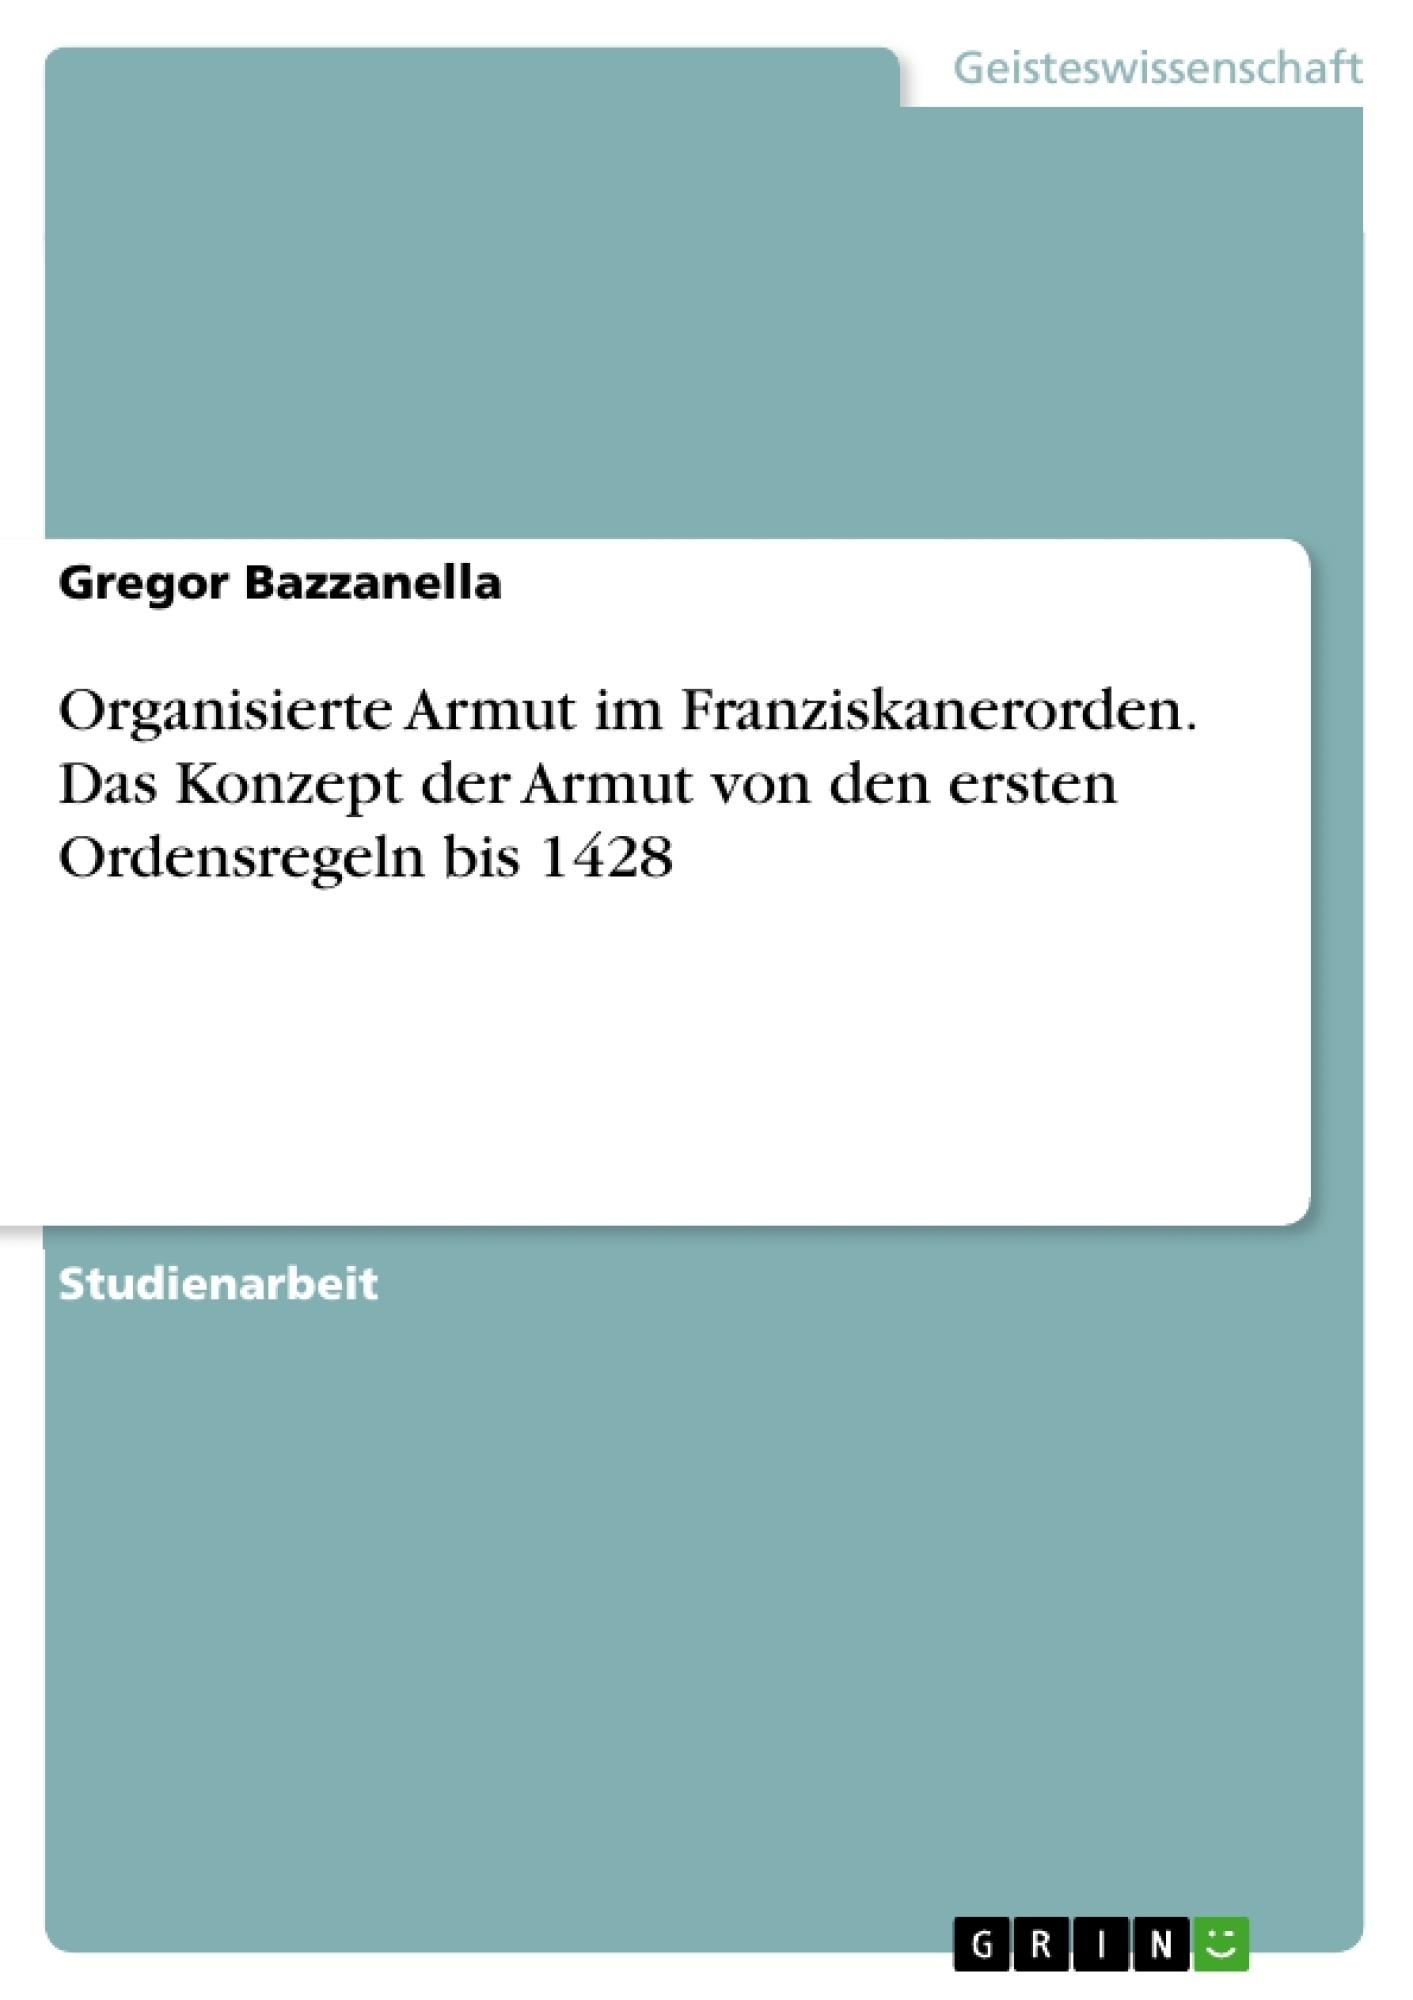 Titel: Organisierte Armut im Franziskanerorden. Das Konzept der Armut von den ersten Ordensregeln bis 1428